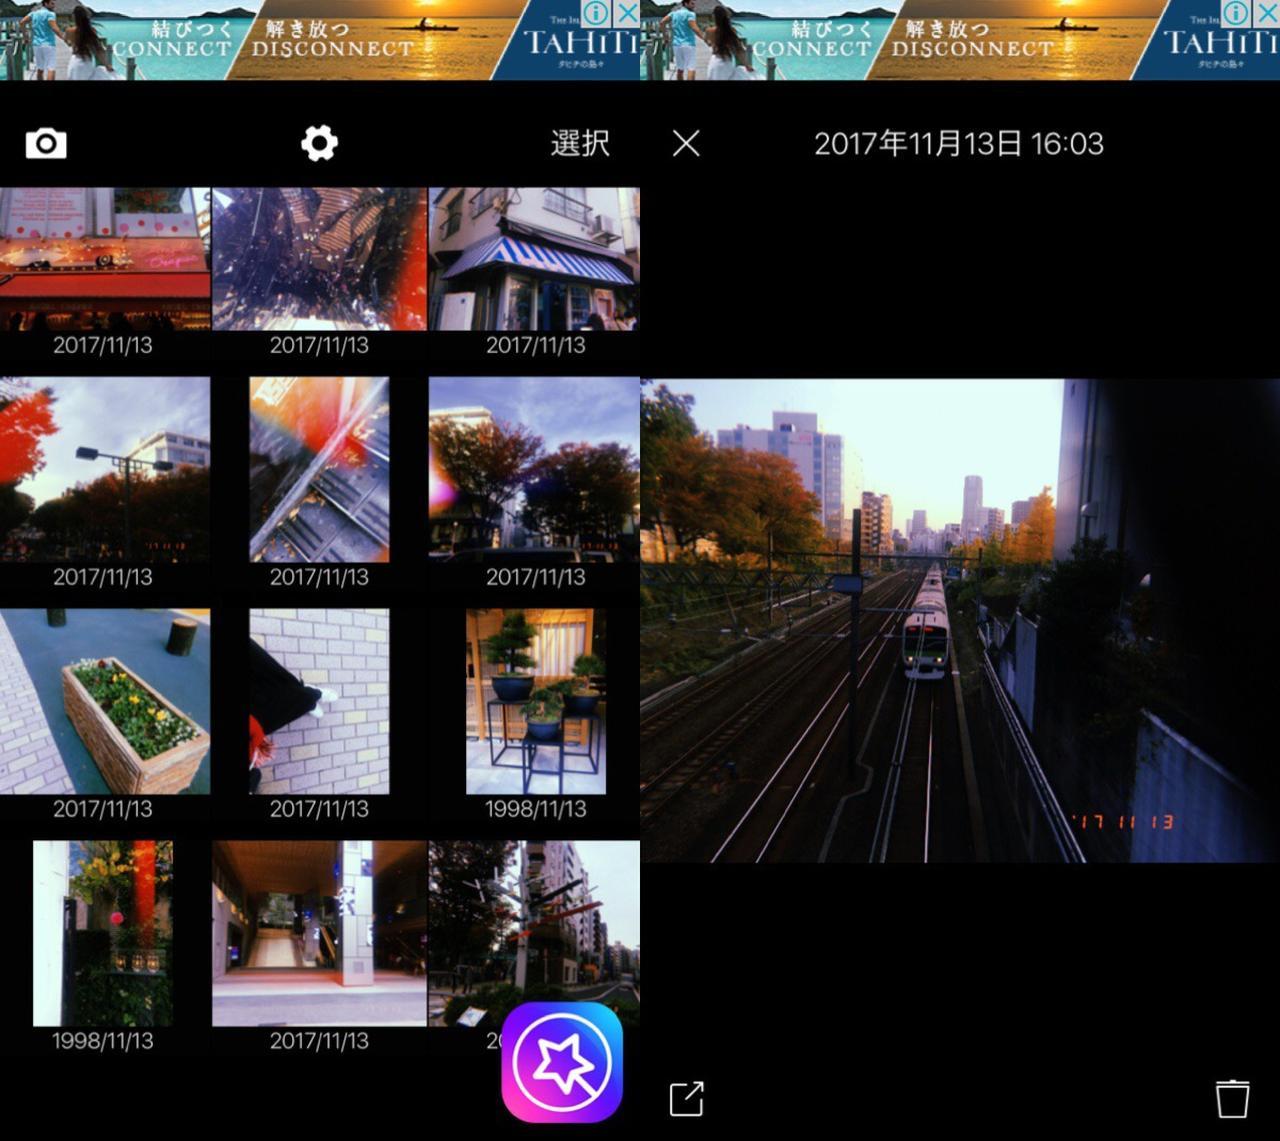 画像3: 見た目もインスタントカメラみたい!不便さがリアルなカメラアプリ。